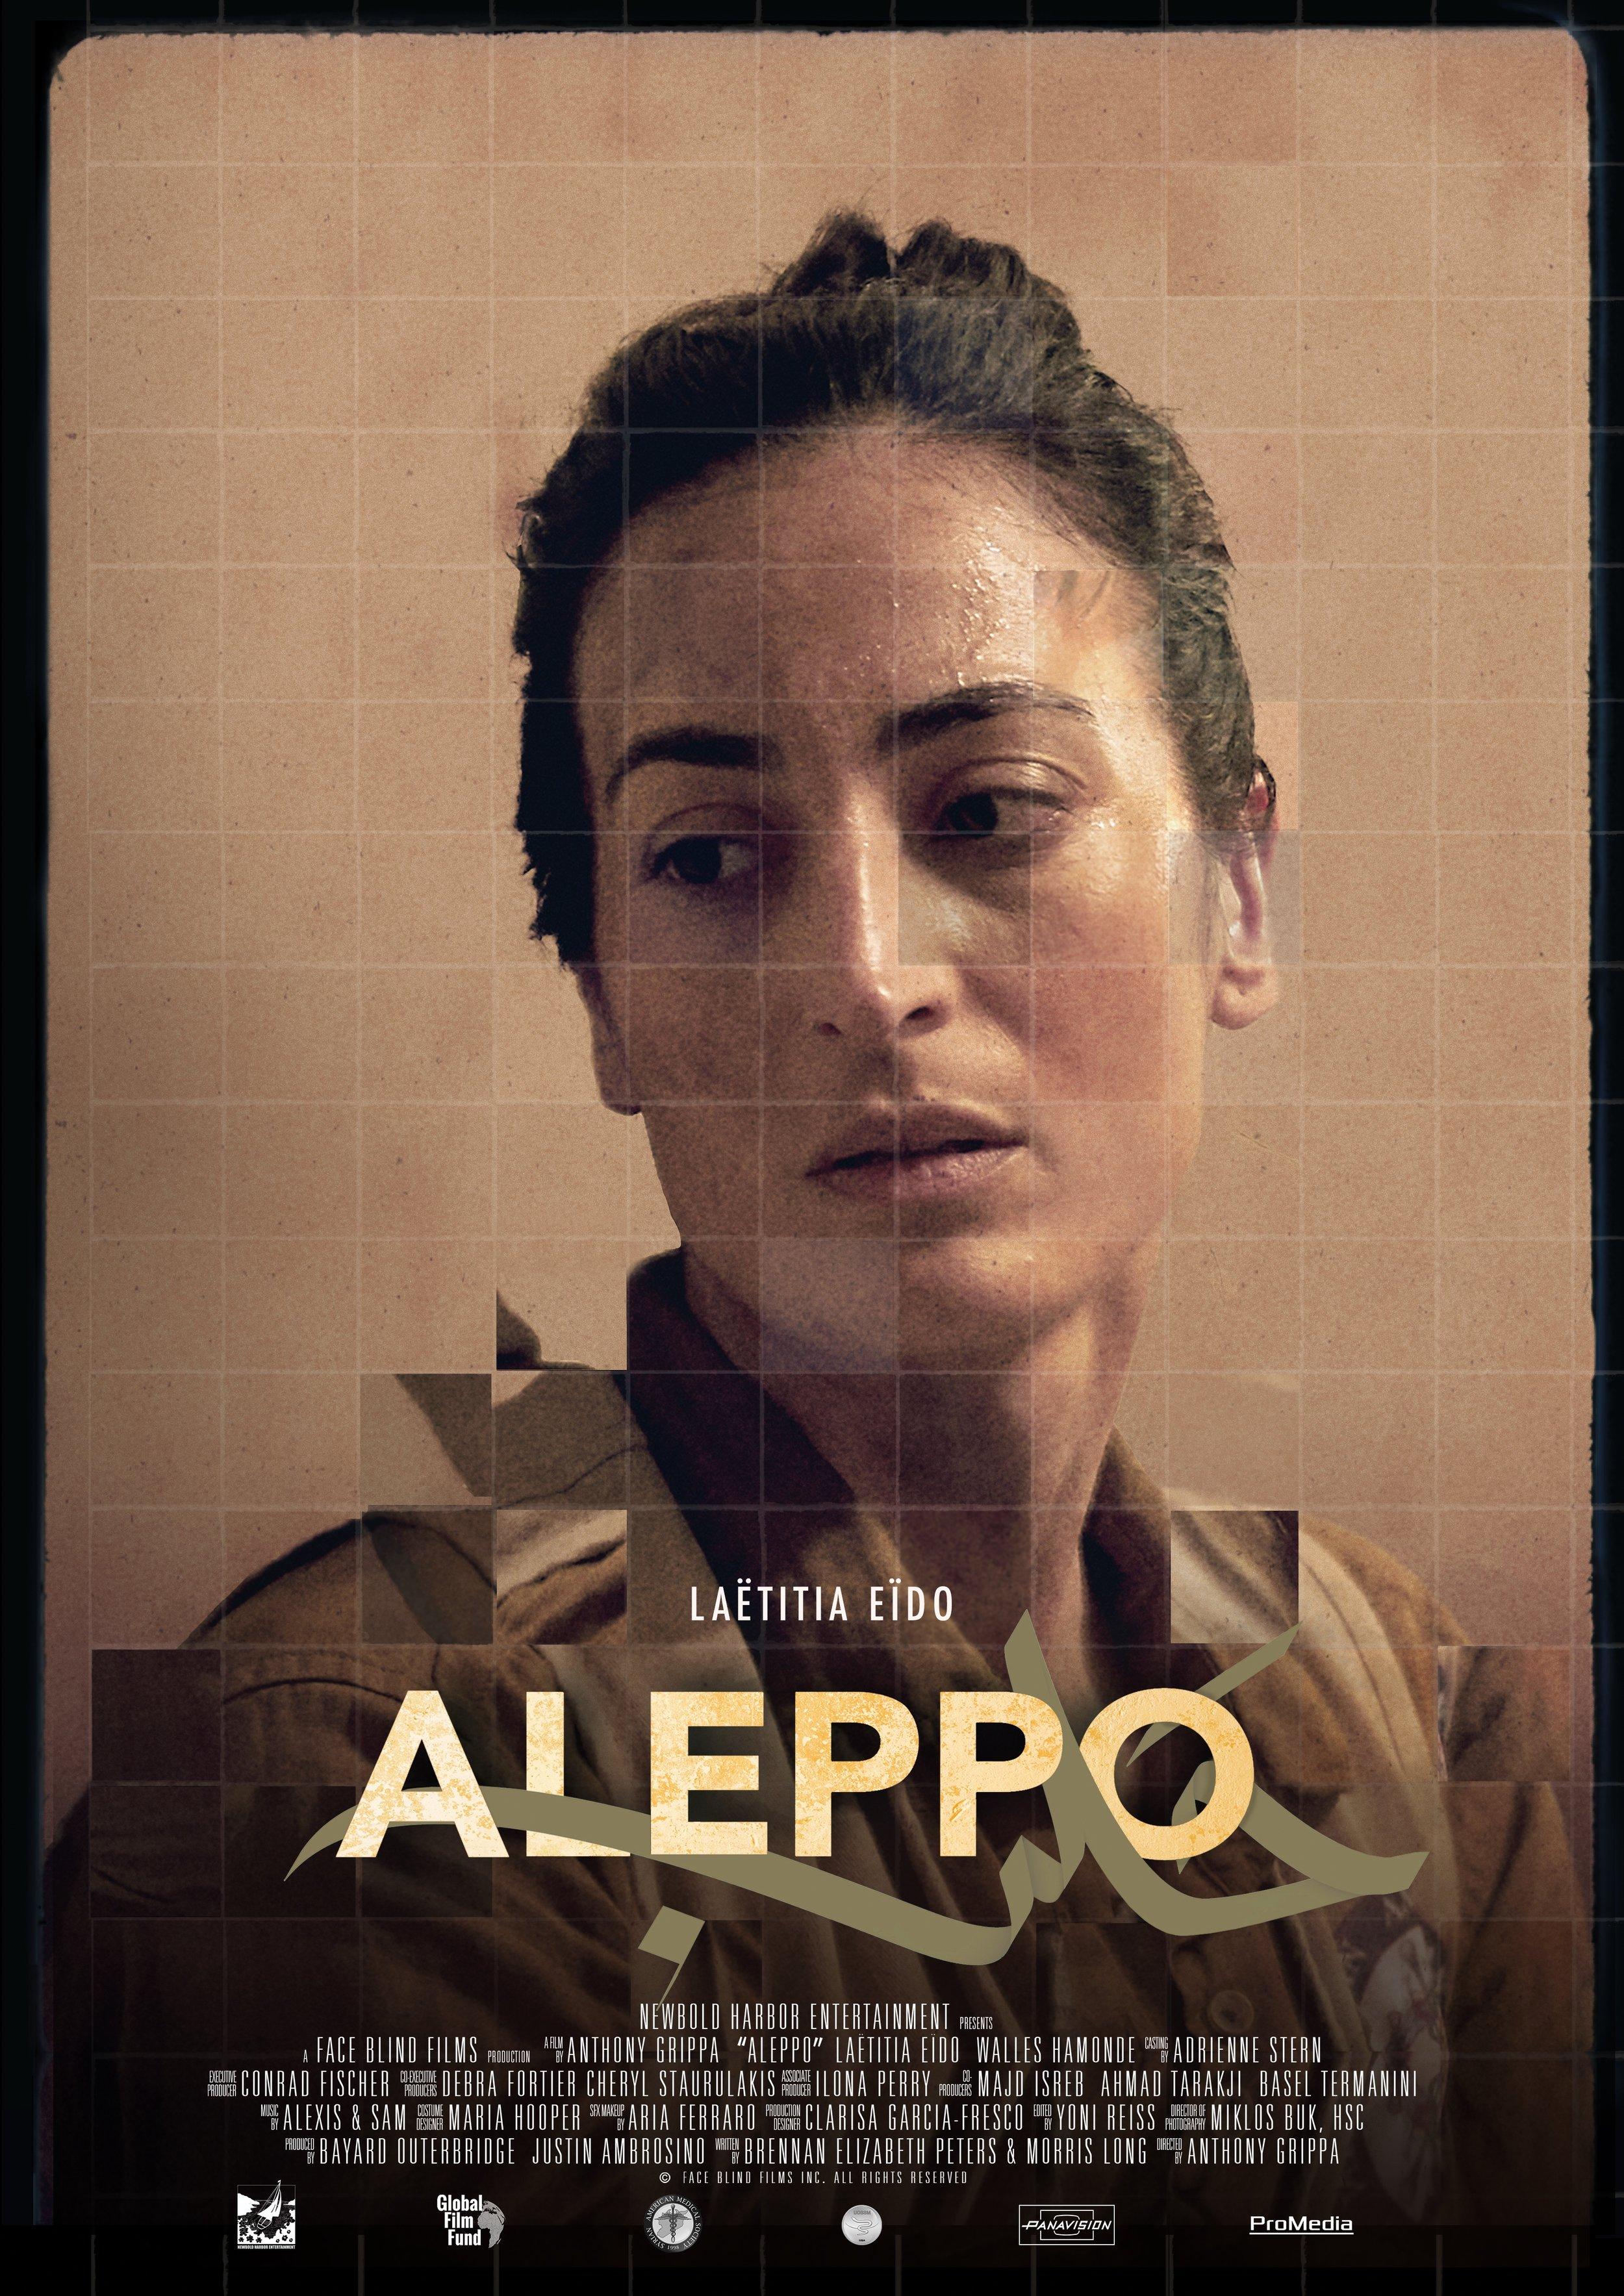 Aleppo Movie Poster.jpg